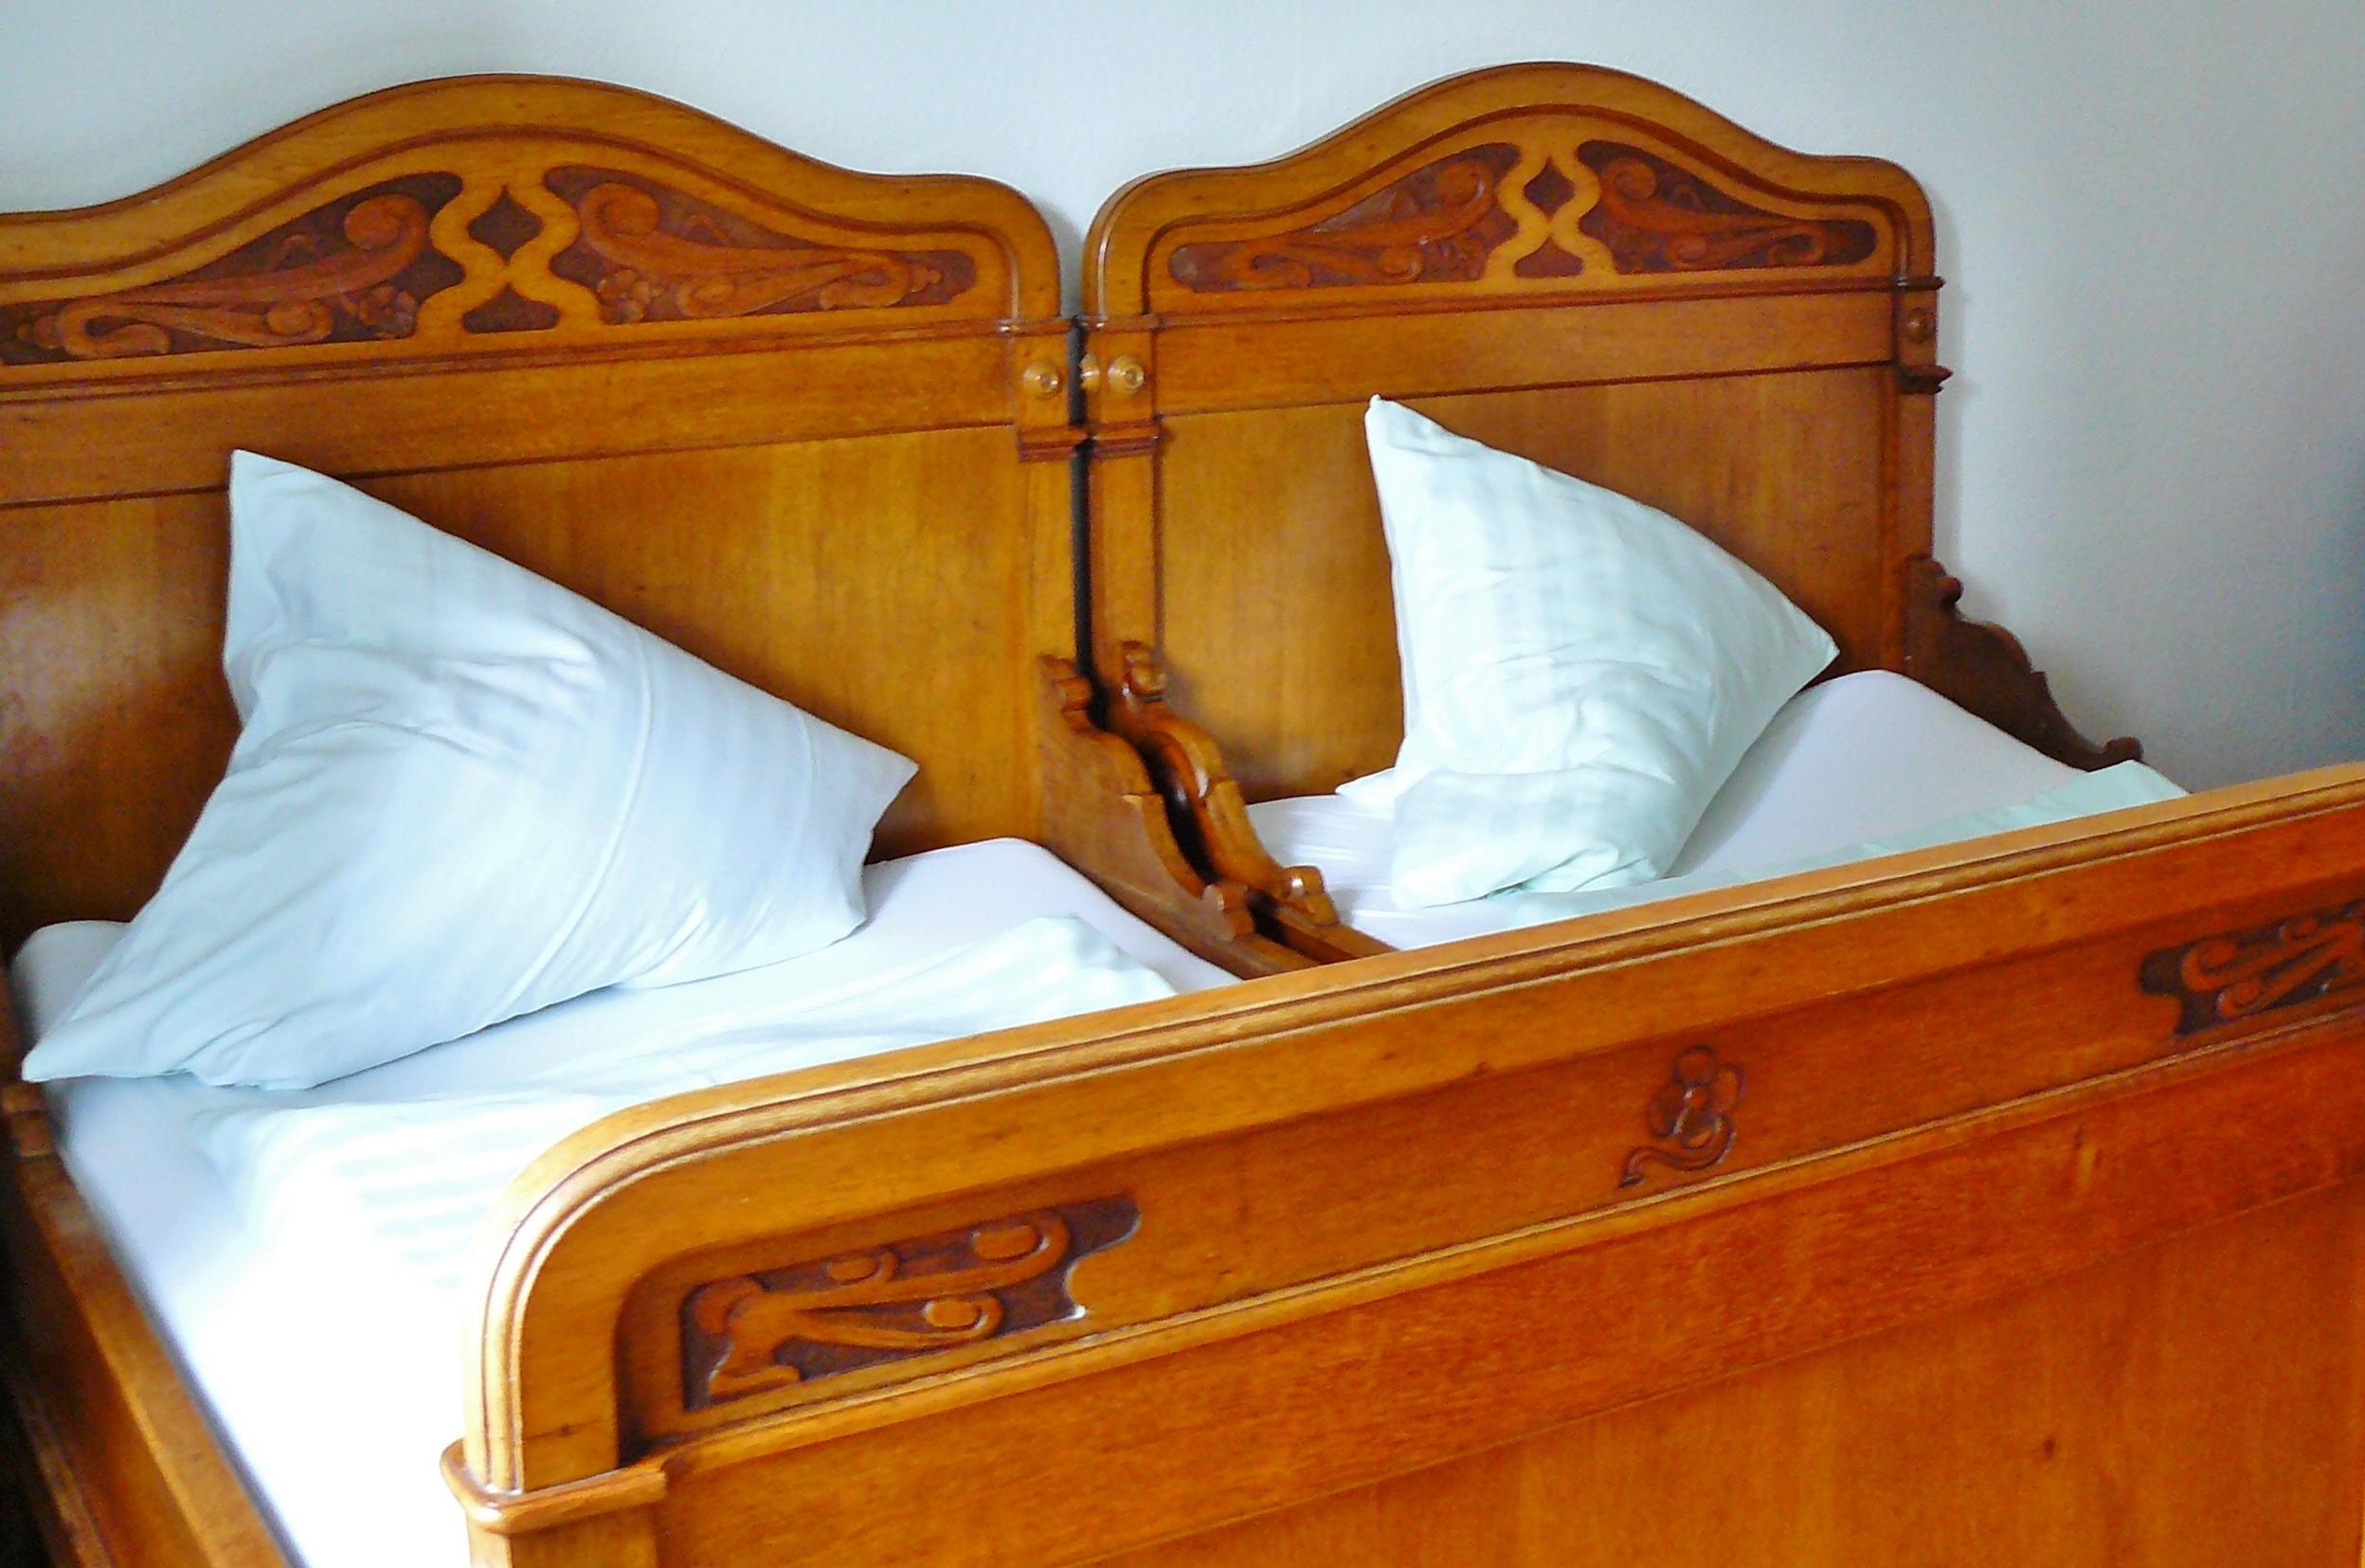 Fotos gratis : antiguo, nostalgia, mueble, habitación, almohada ...